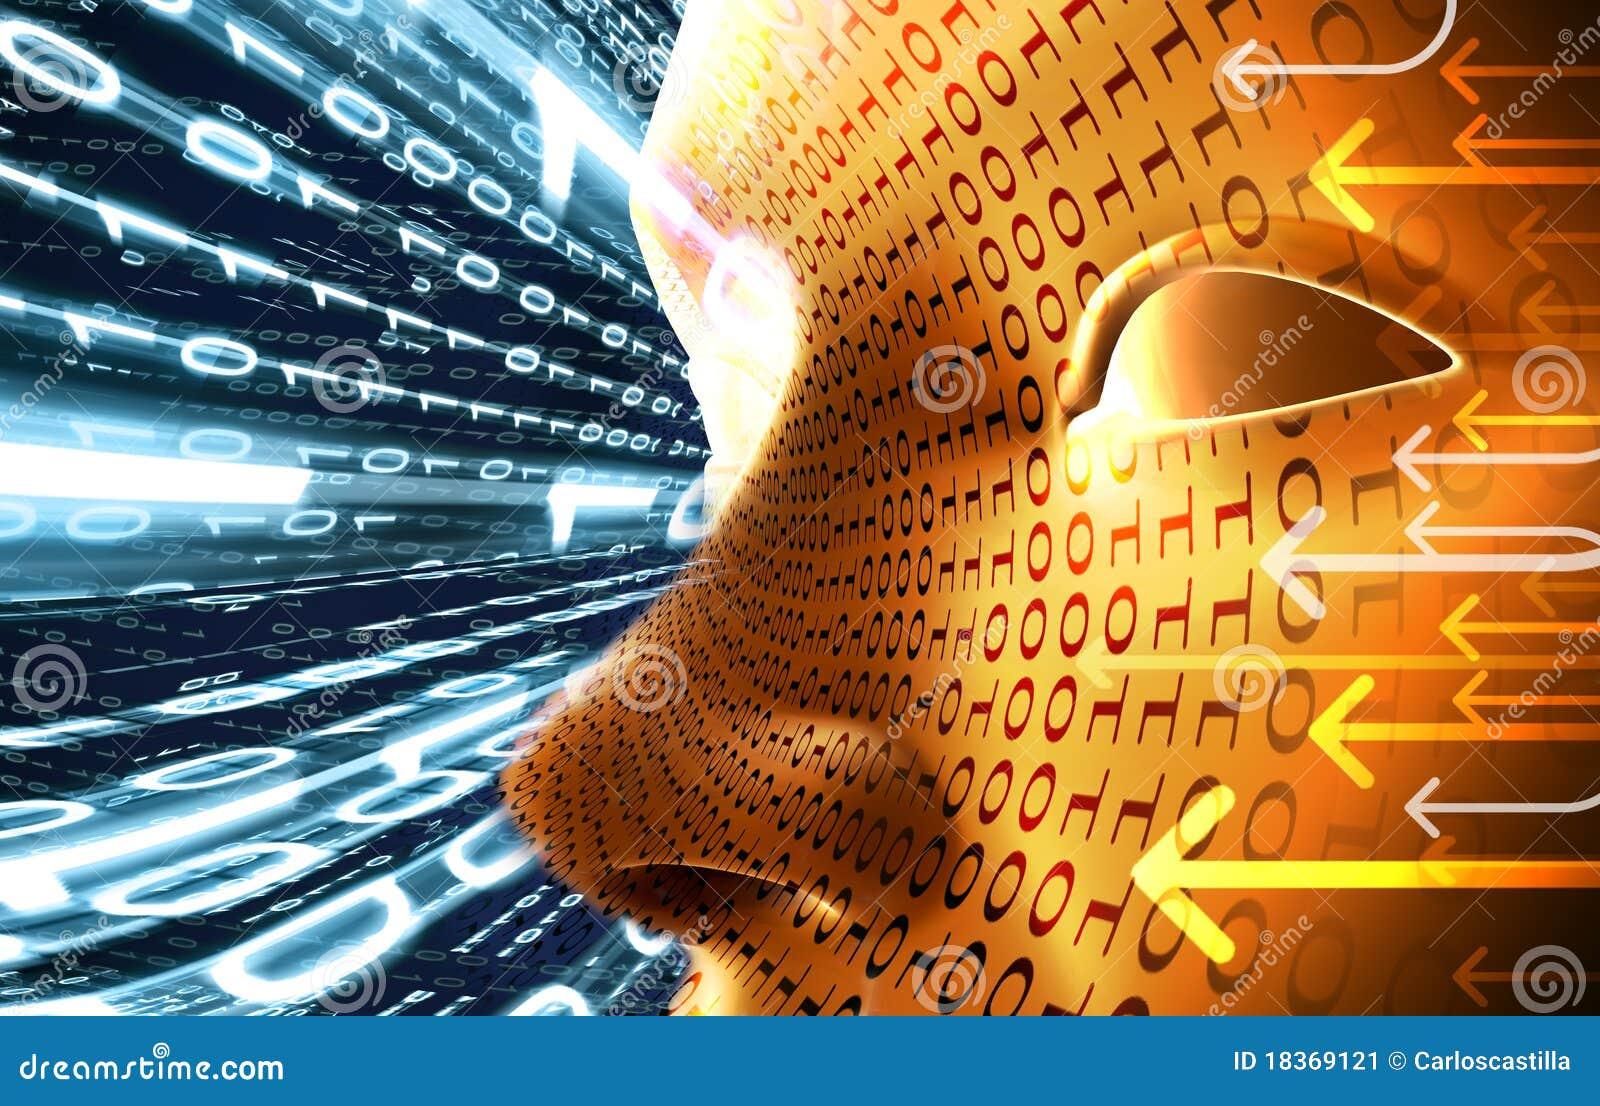 Concepto de la tecnología